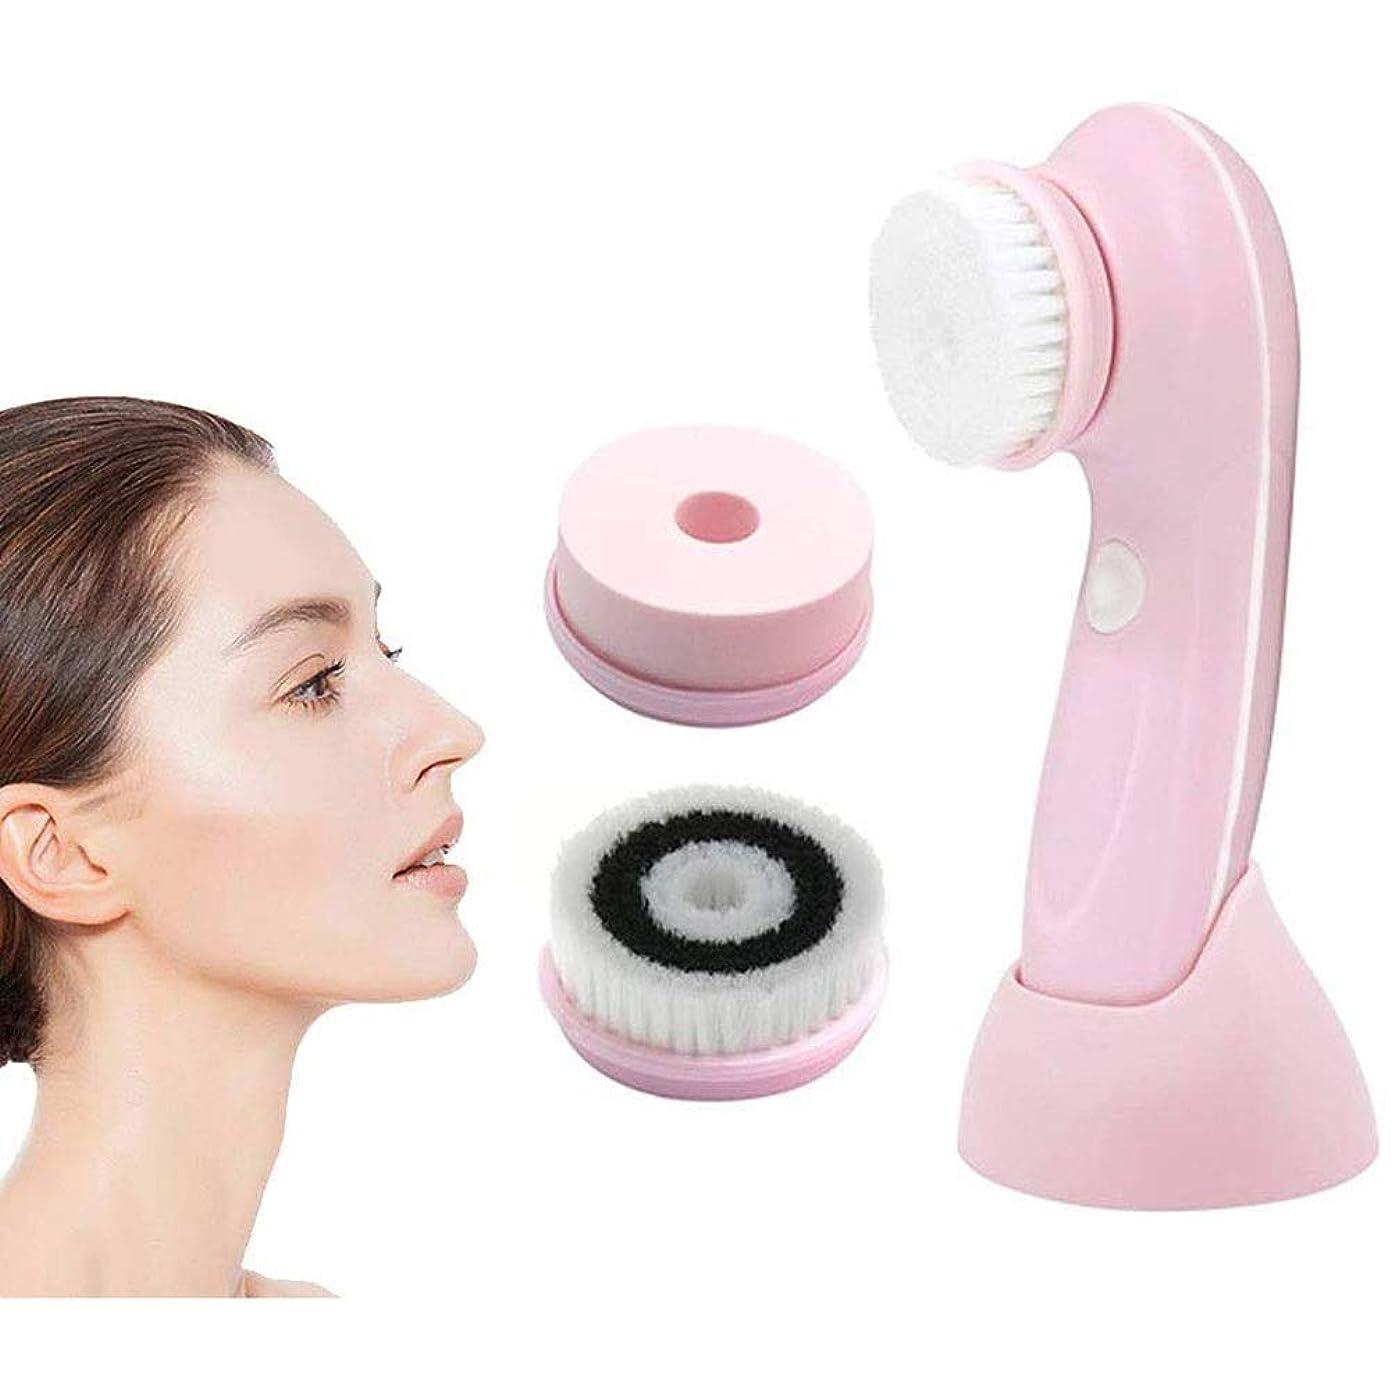 のれんワゴンアラビア語KJRJCD 洗顔ブラシ、3つの交換用ヘッドとエクスフォリエイティング、ブラックヘッド、ポータブル顔スクラバー用USB充電式プロフェッショナル洗顔ブラシ、ピンクスピニング